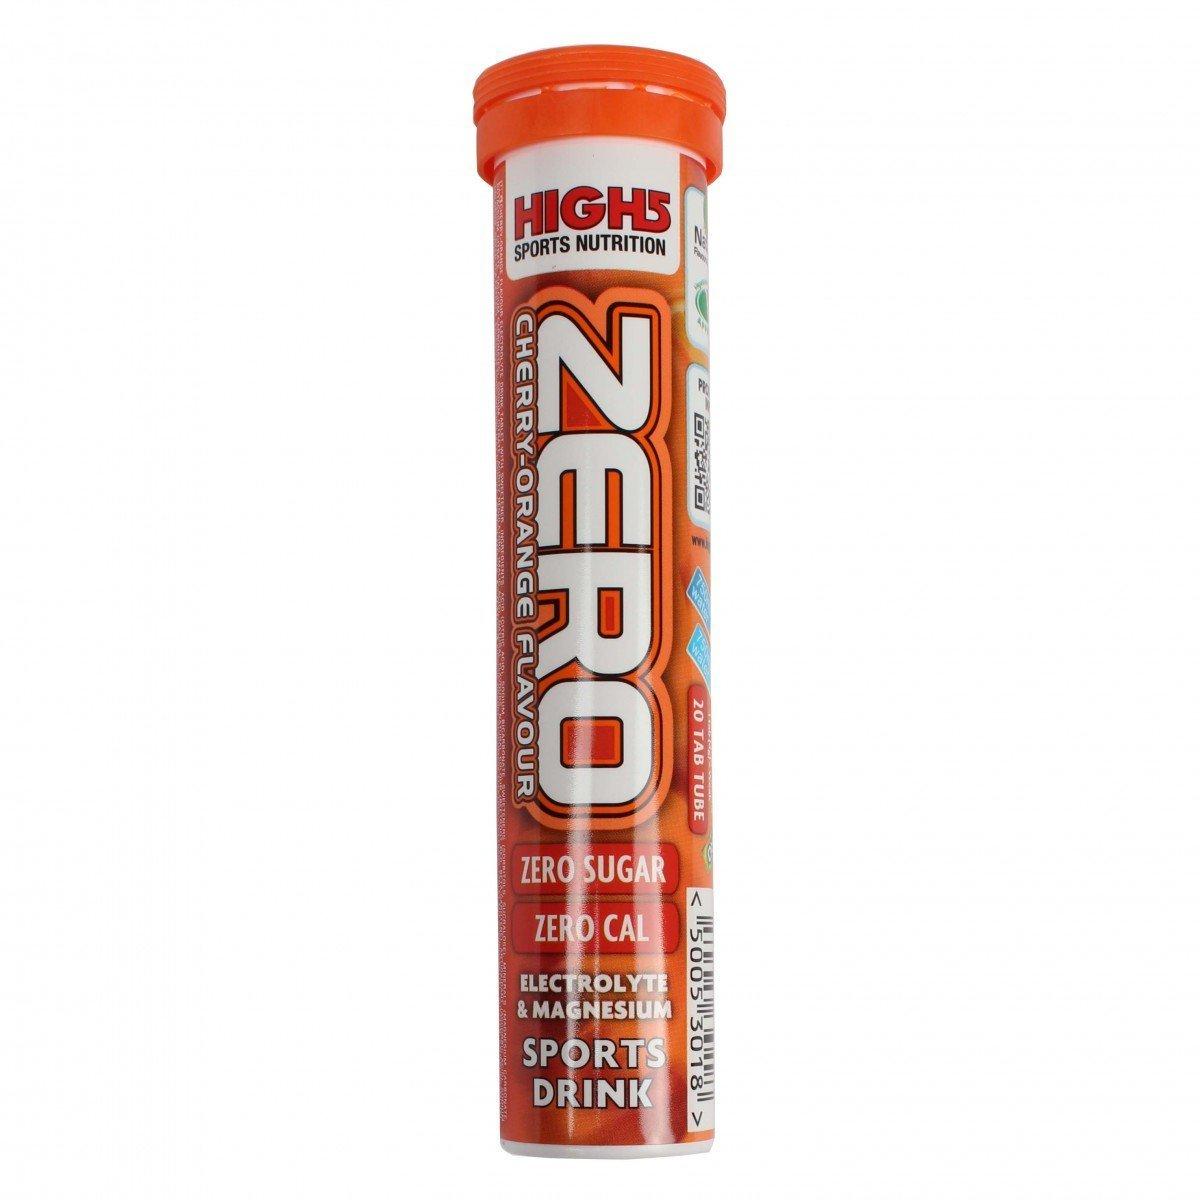 High5 ZERO 1 tubo x 20 tabl -Bebida Isotonica - Sabor - Cereza-Naranja: Amazon.es: Alimentación y bebidas